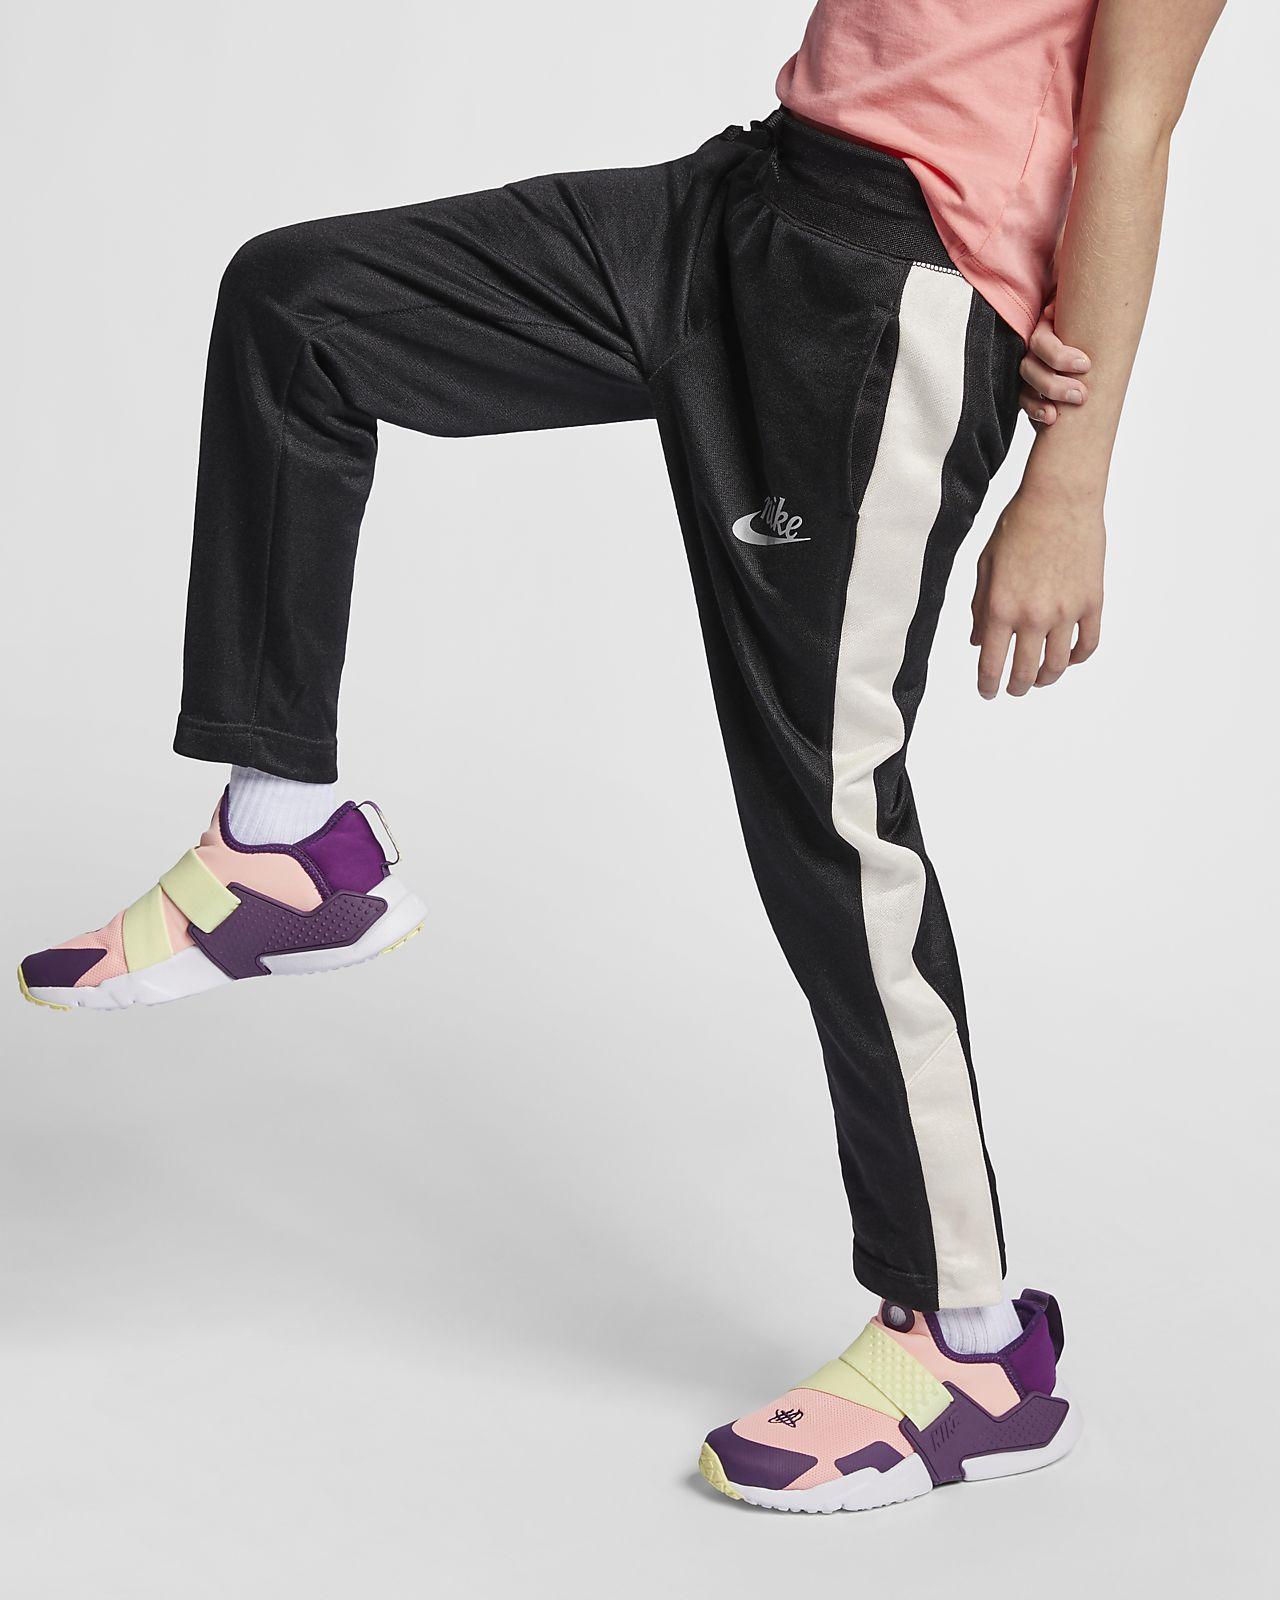 Nike Sportswear 大童(女孩)针织长裤